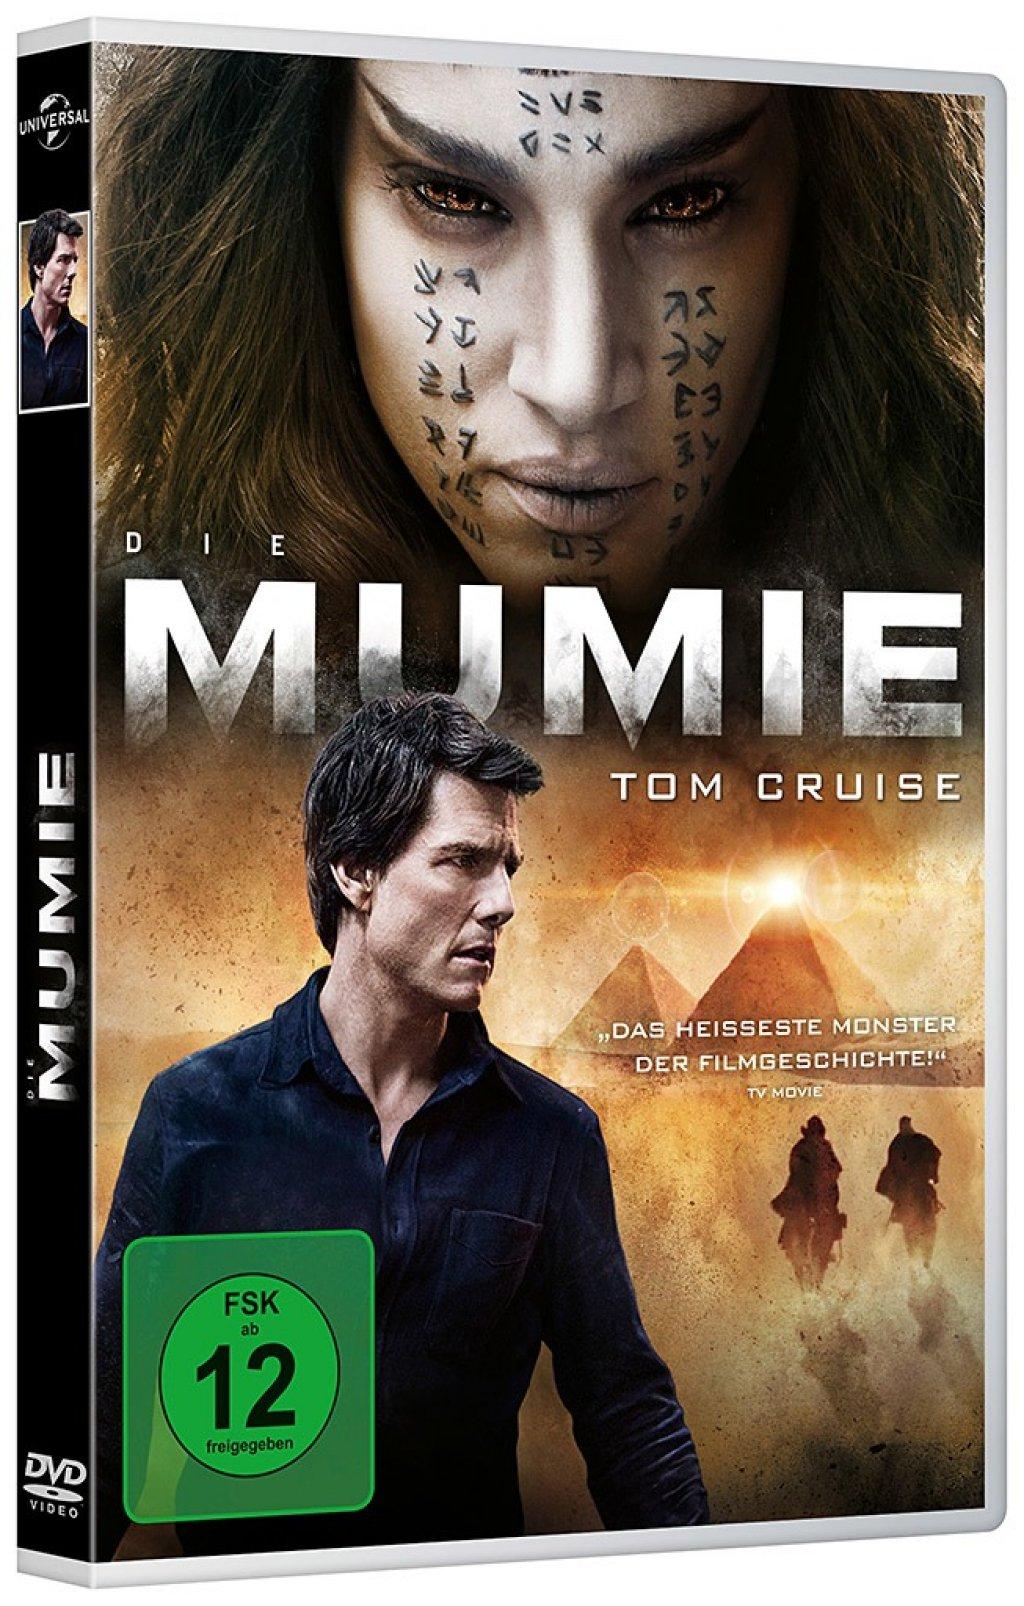 Die Mumie 2017 Tom Cruise Dvd Neu Ebay